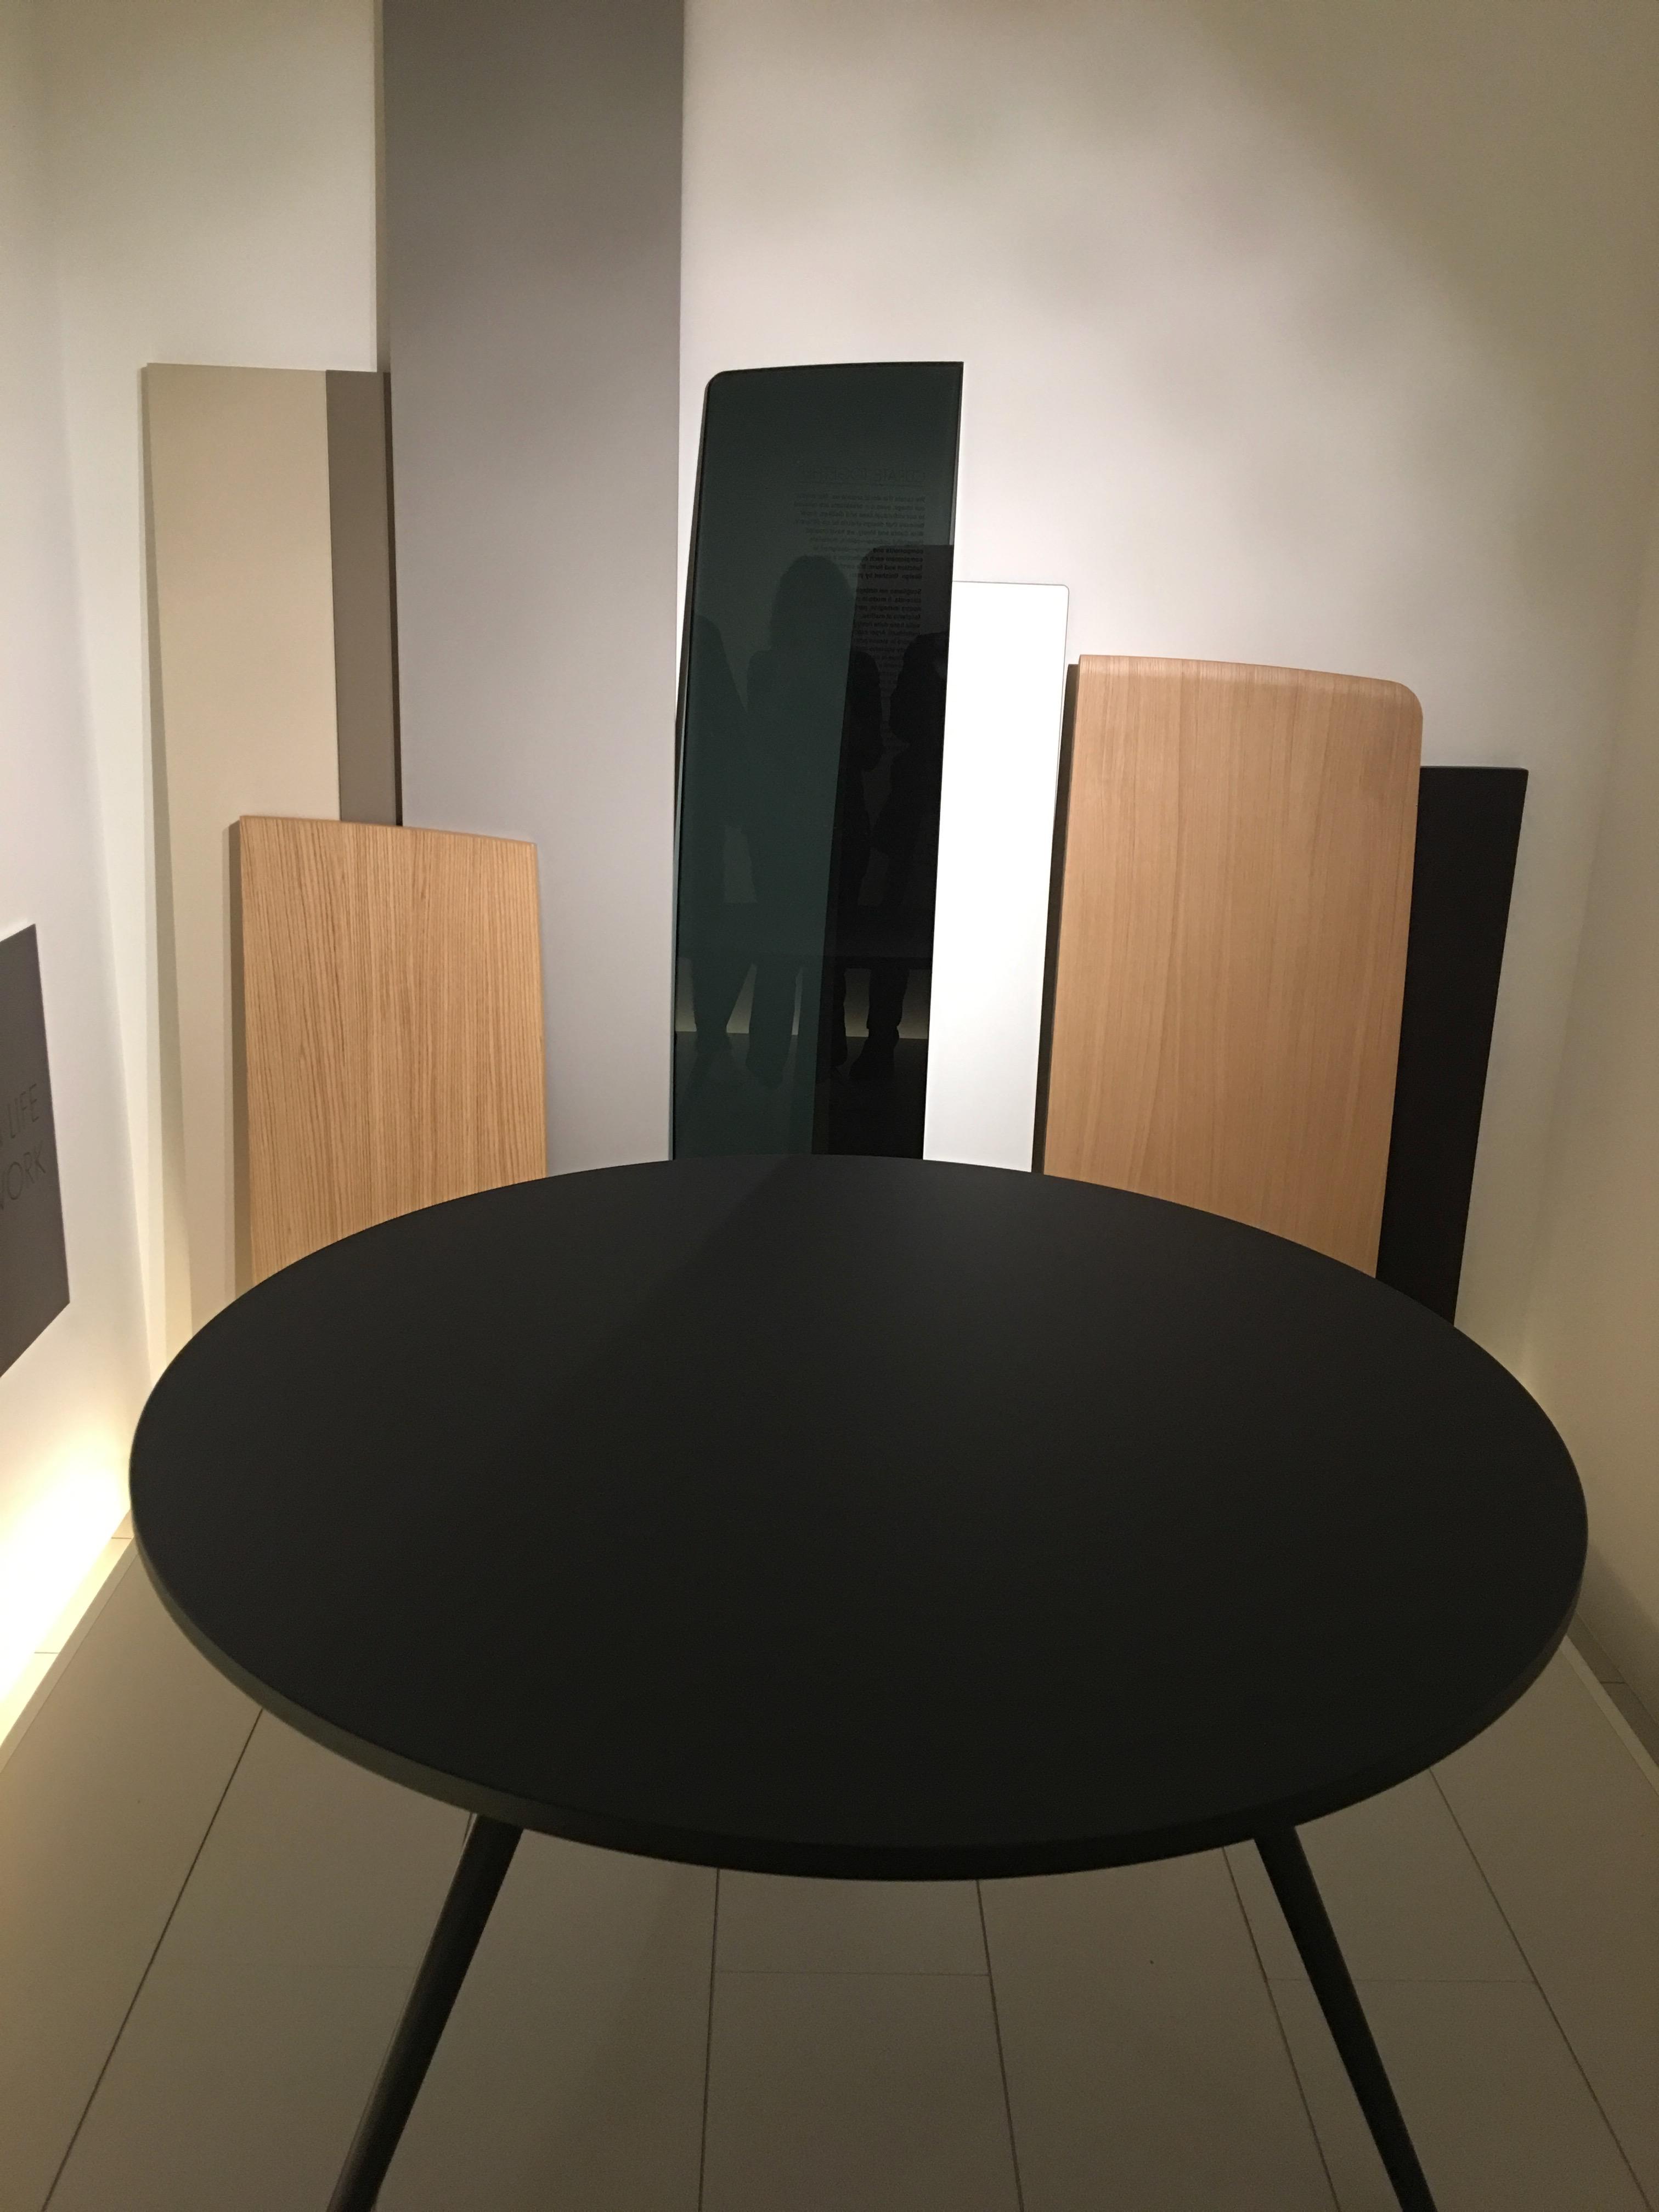 Arper pr sente sa collection chic au salon du design de for Salon du design milan 2017